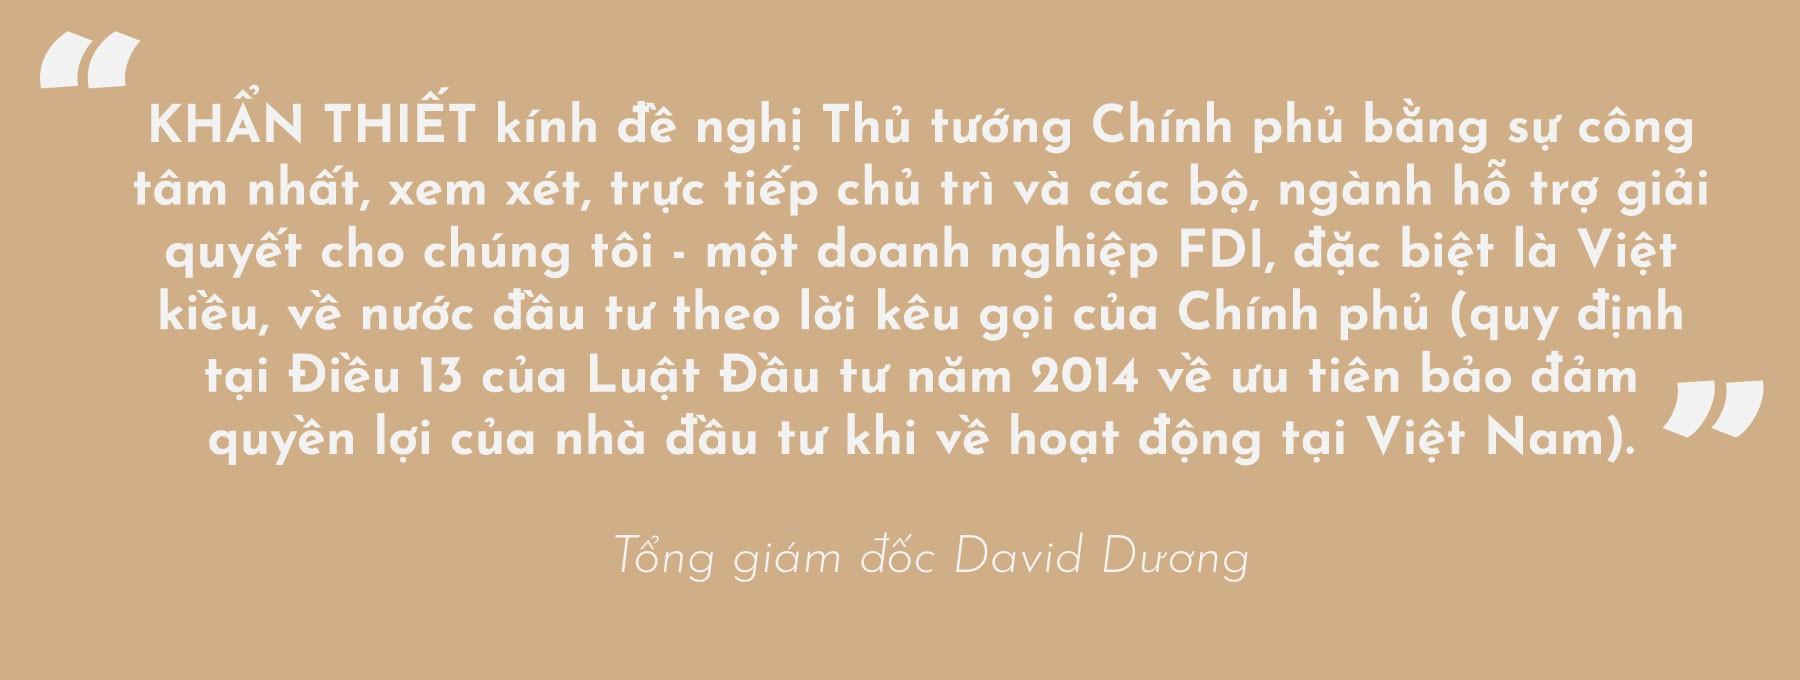 Vì sao vua rác David Dương cầu cứu Thủ tướng? - Ảnh 14.